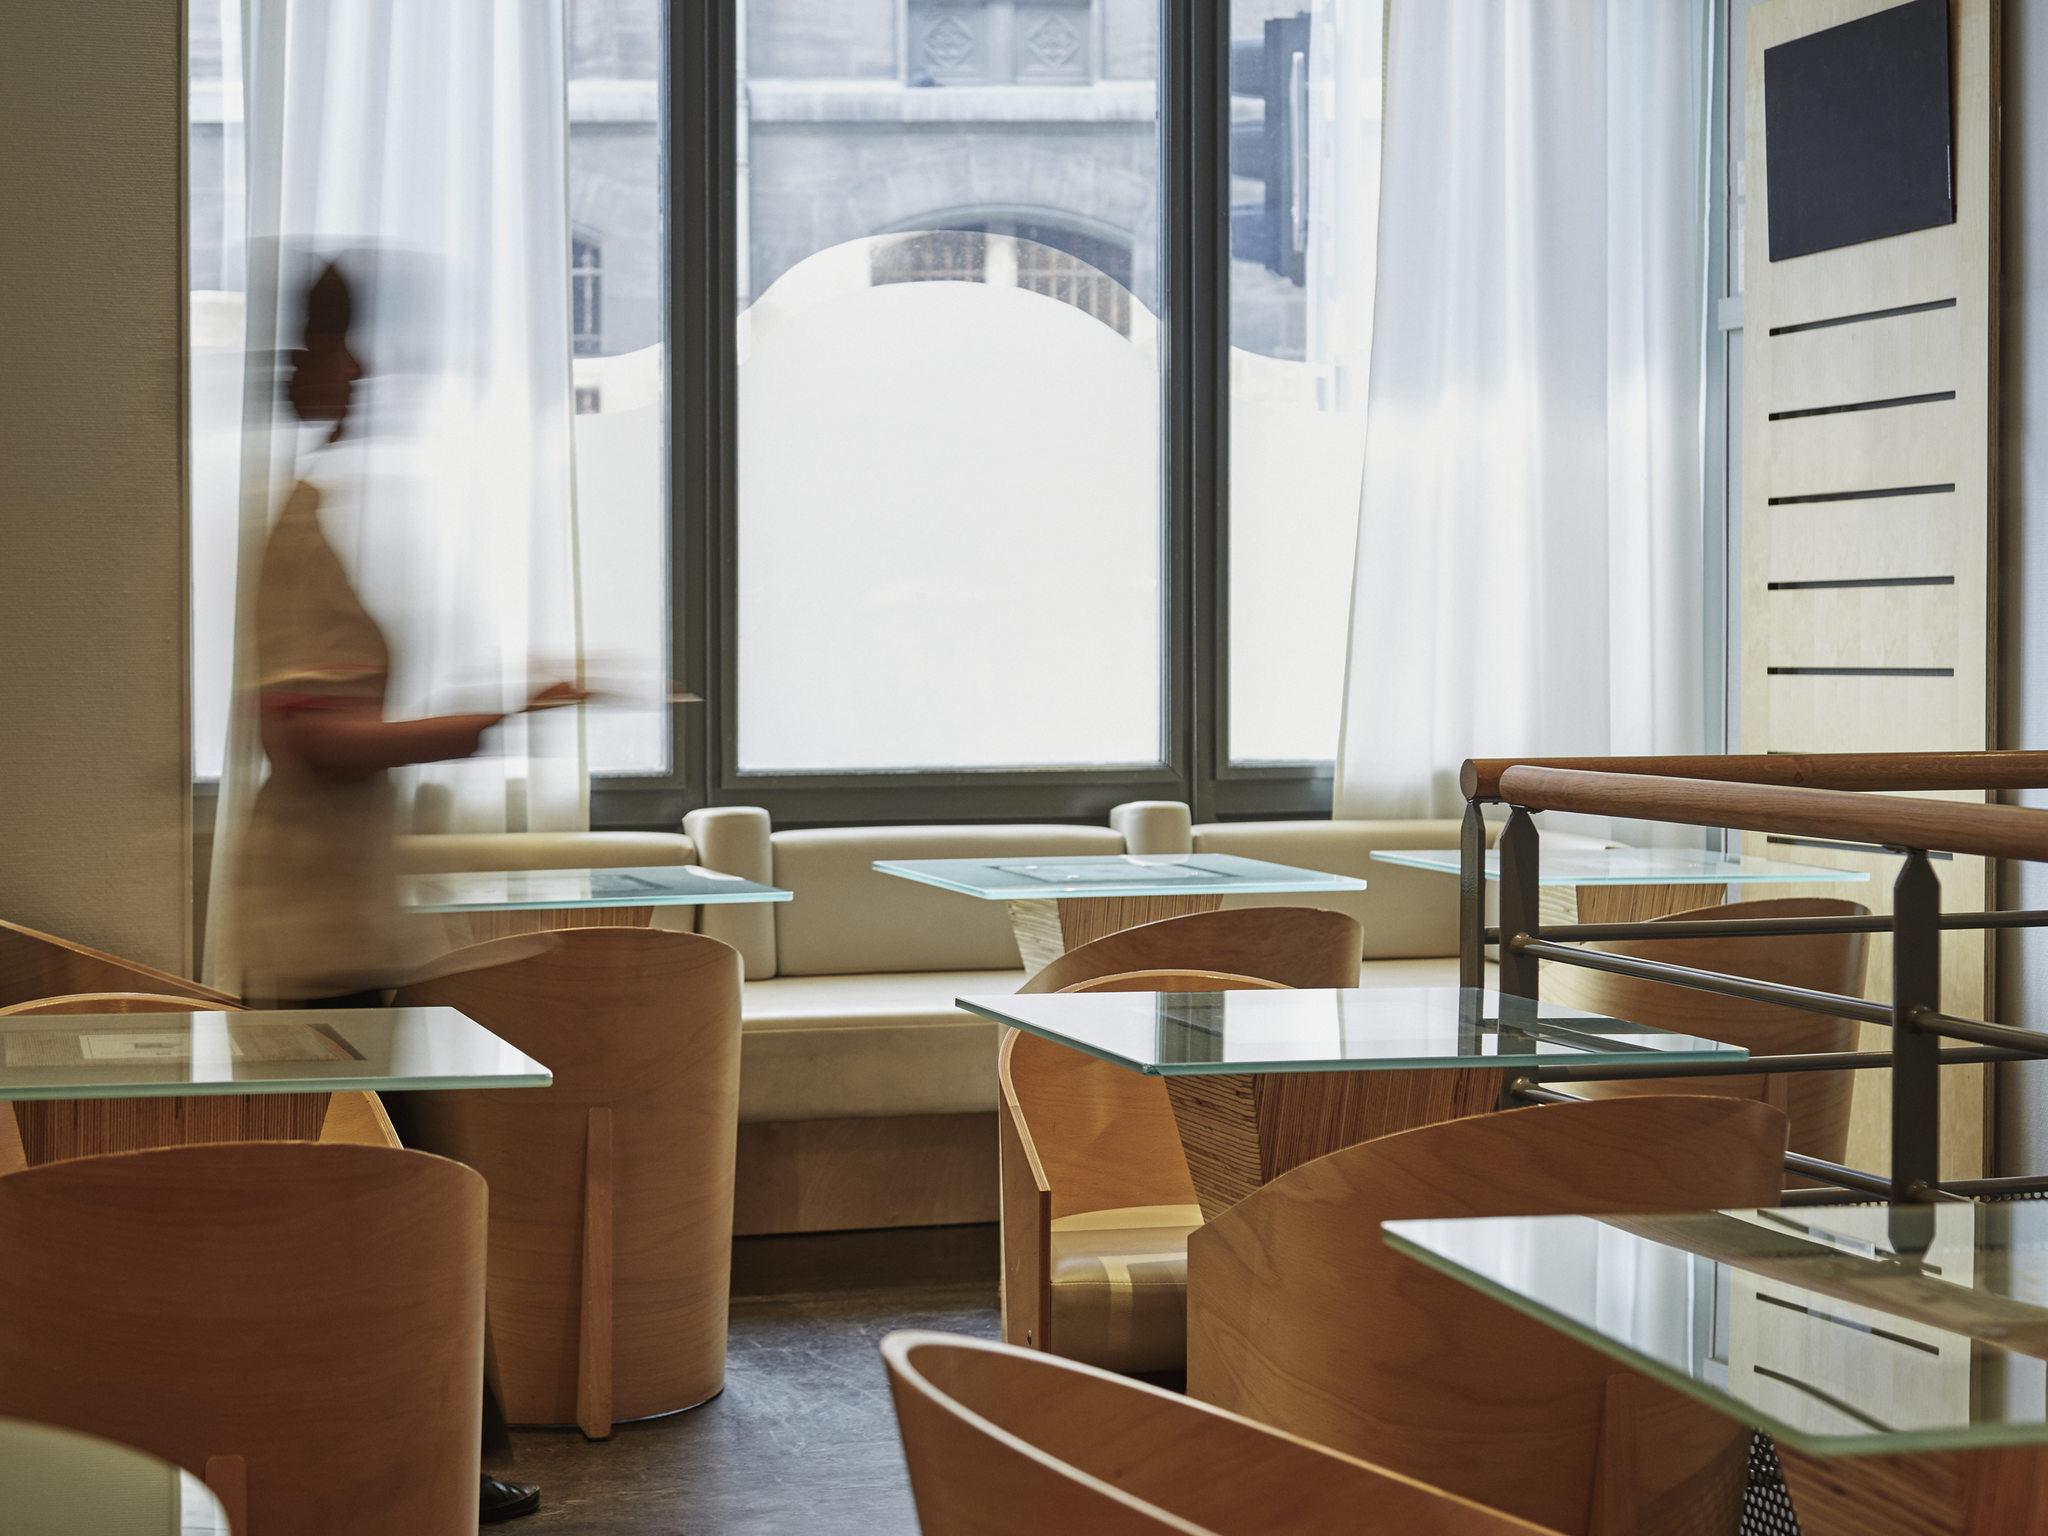 Hotel in marseille ibis marseille centre vieux port - Hotel ibis marseille centre vieux port ...